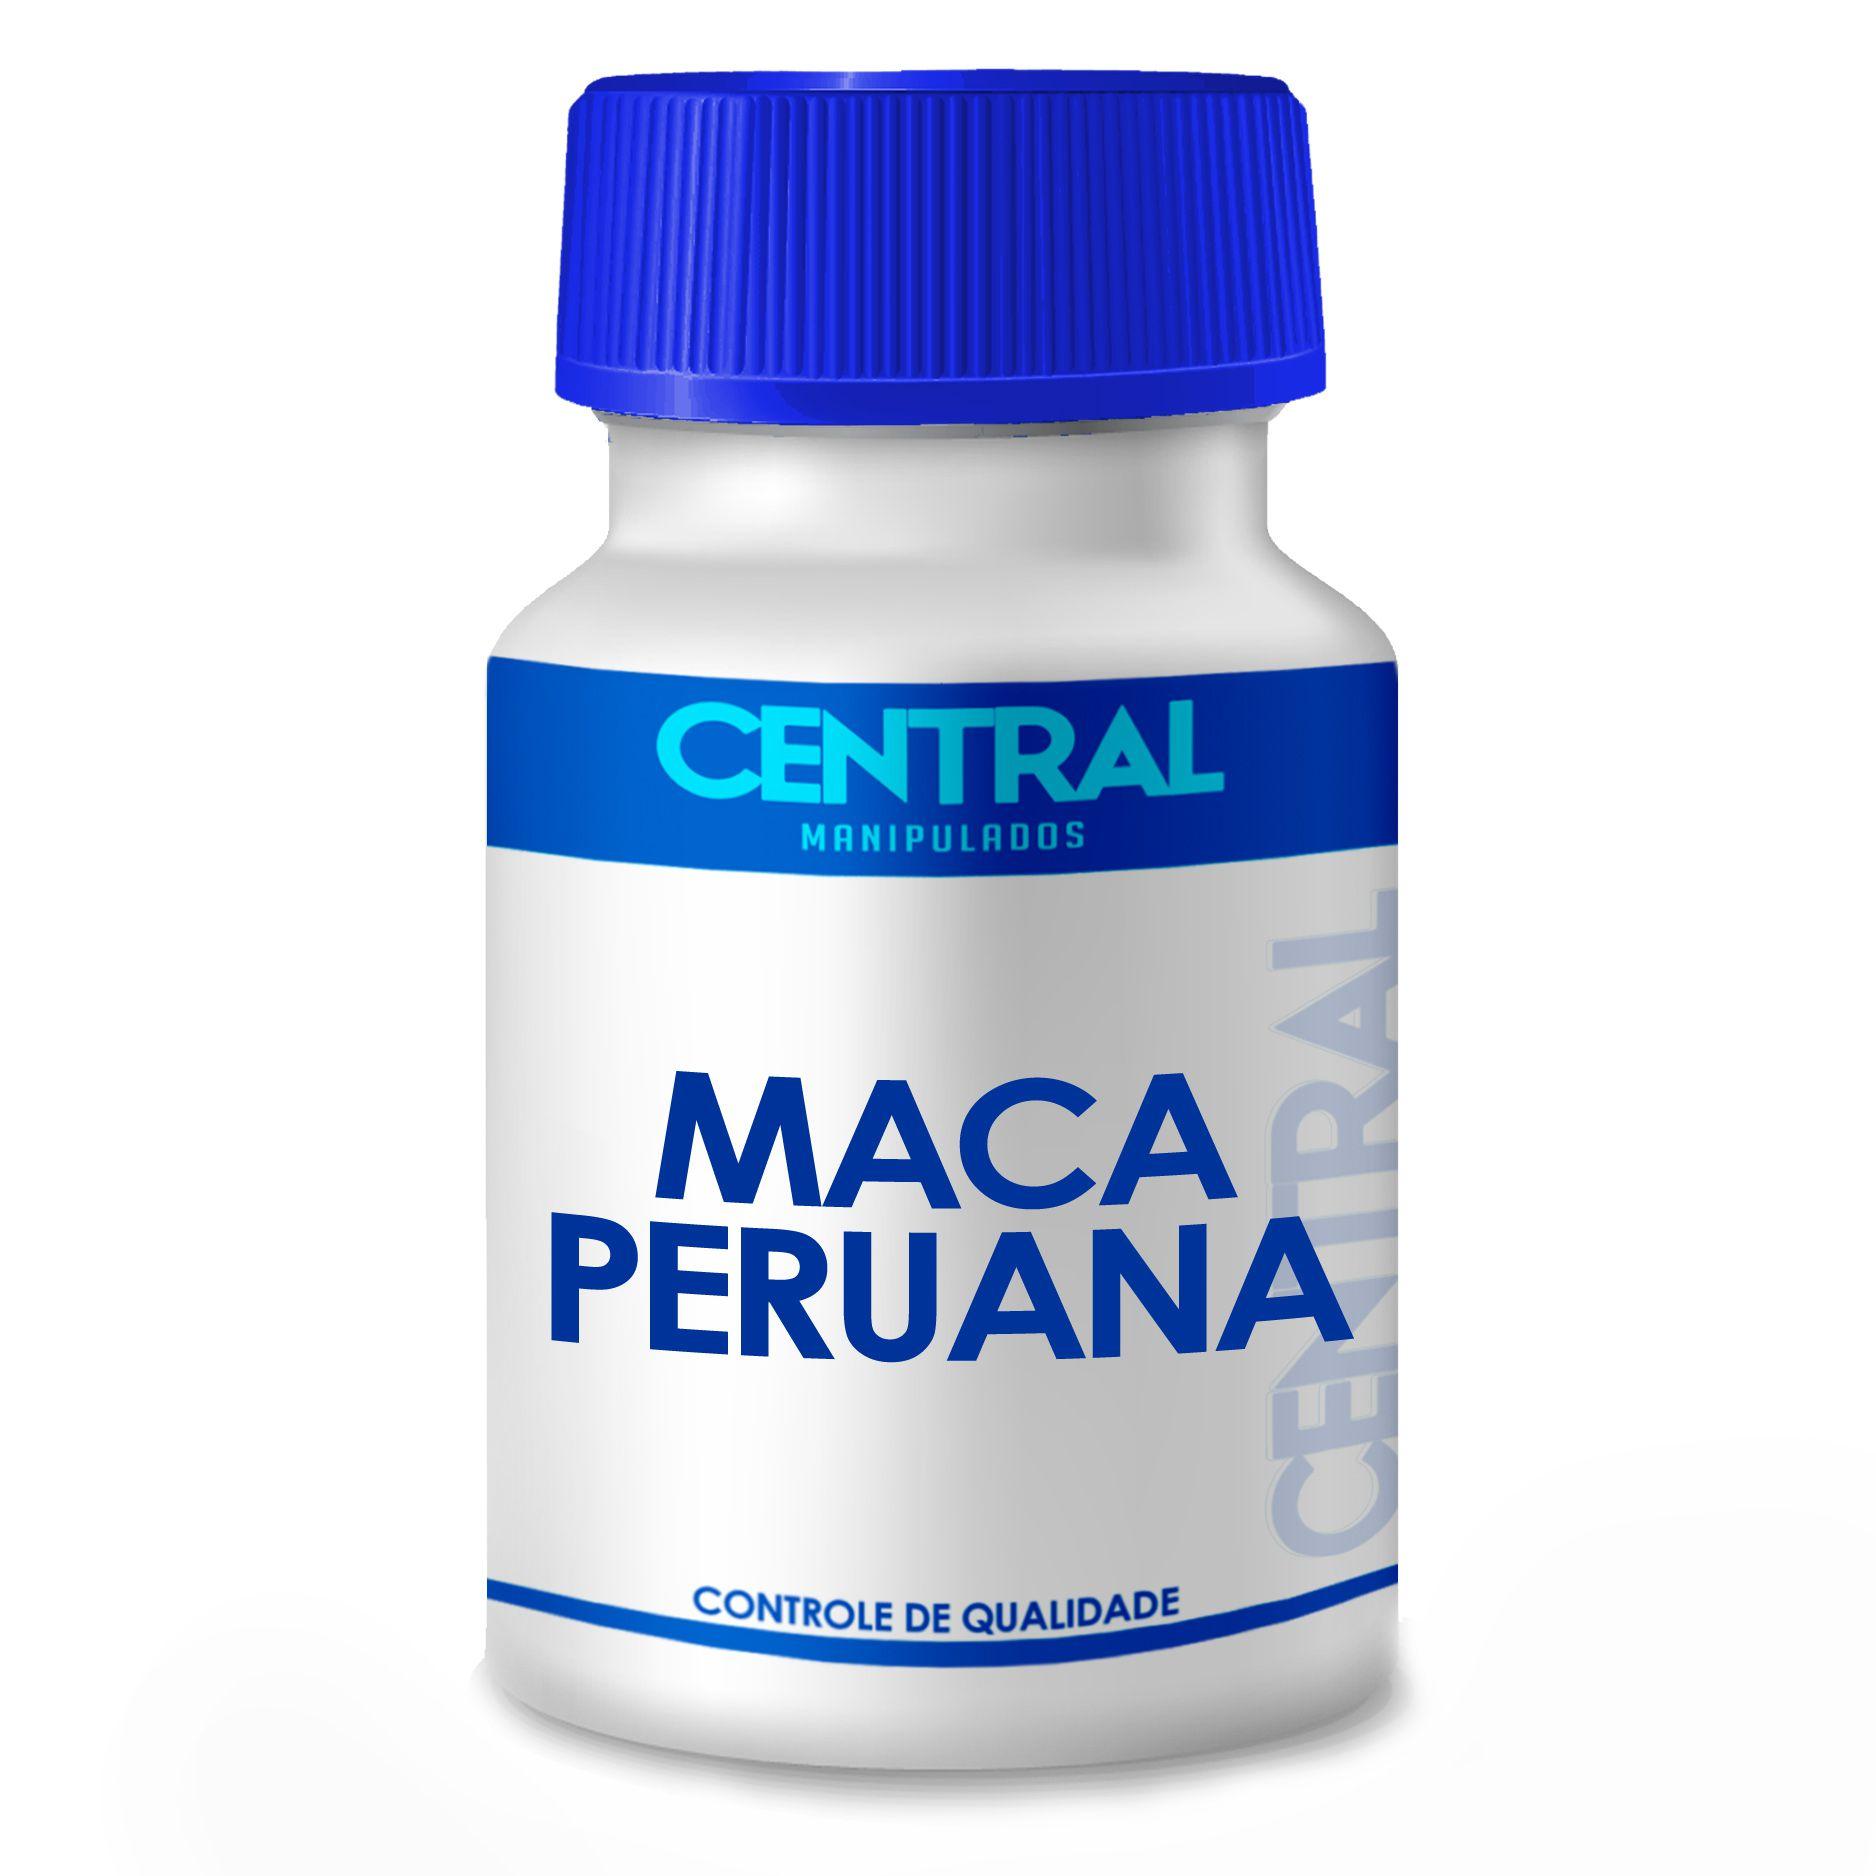 Maca peruana - energético e aumento da libido sexual - 500mg 180 cápsulas